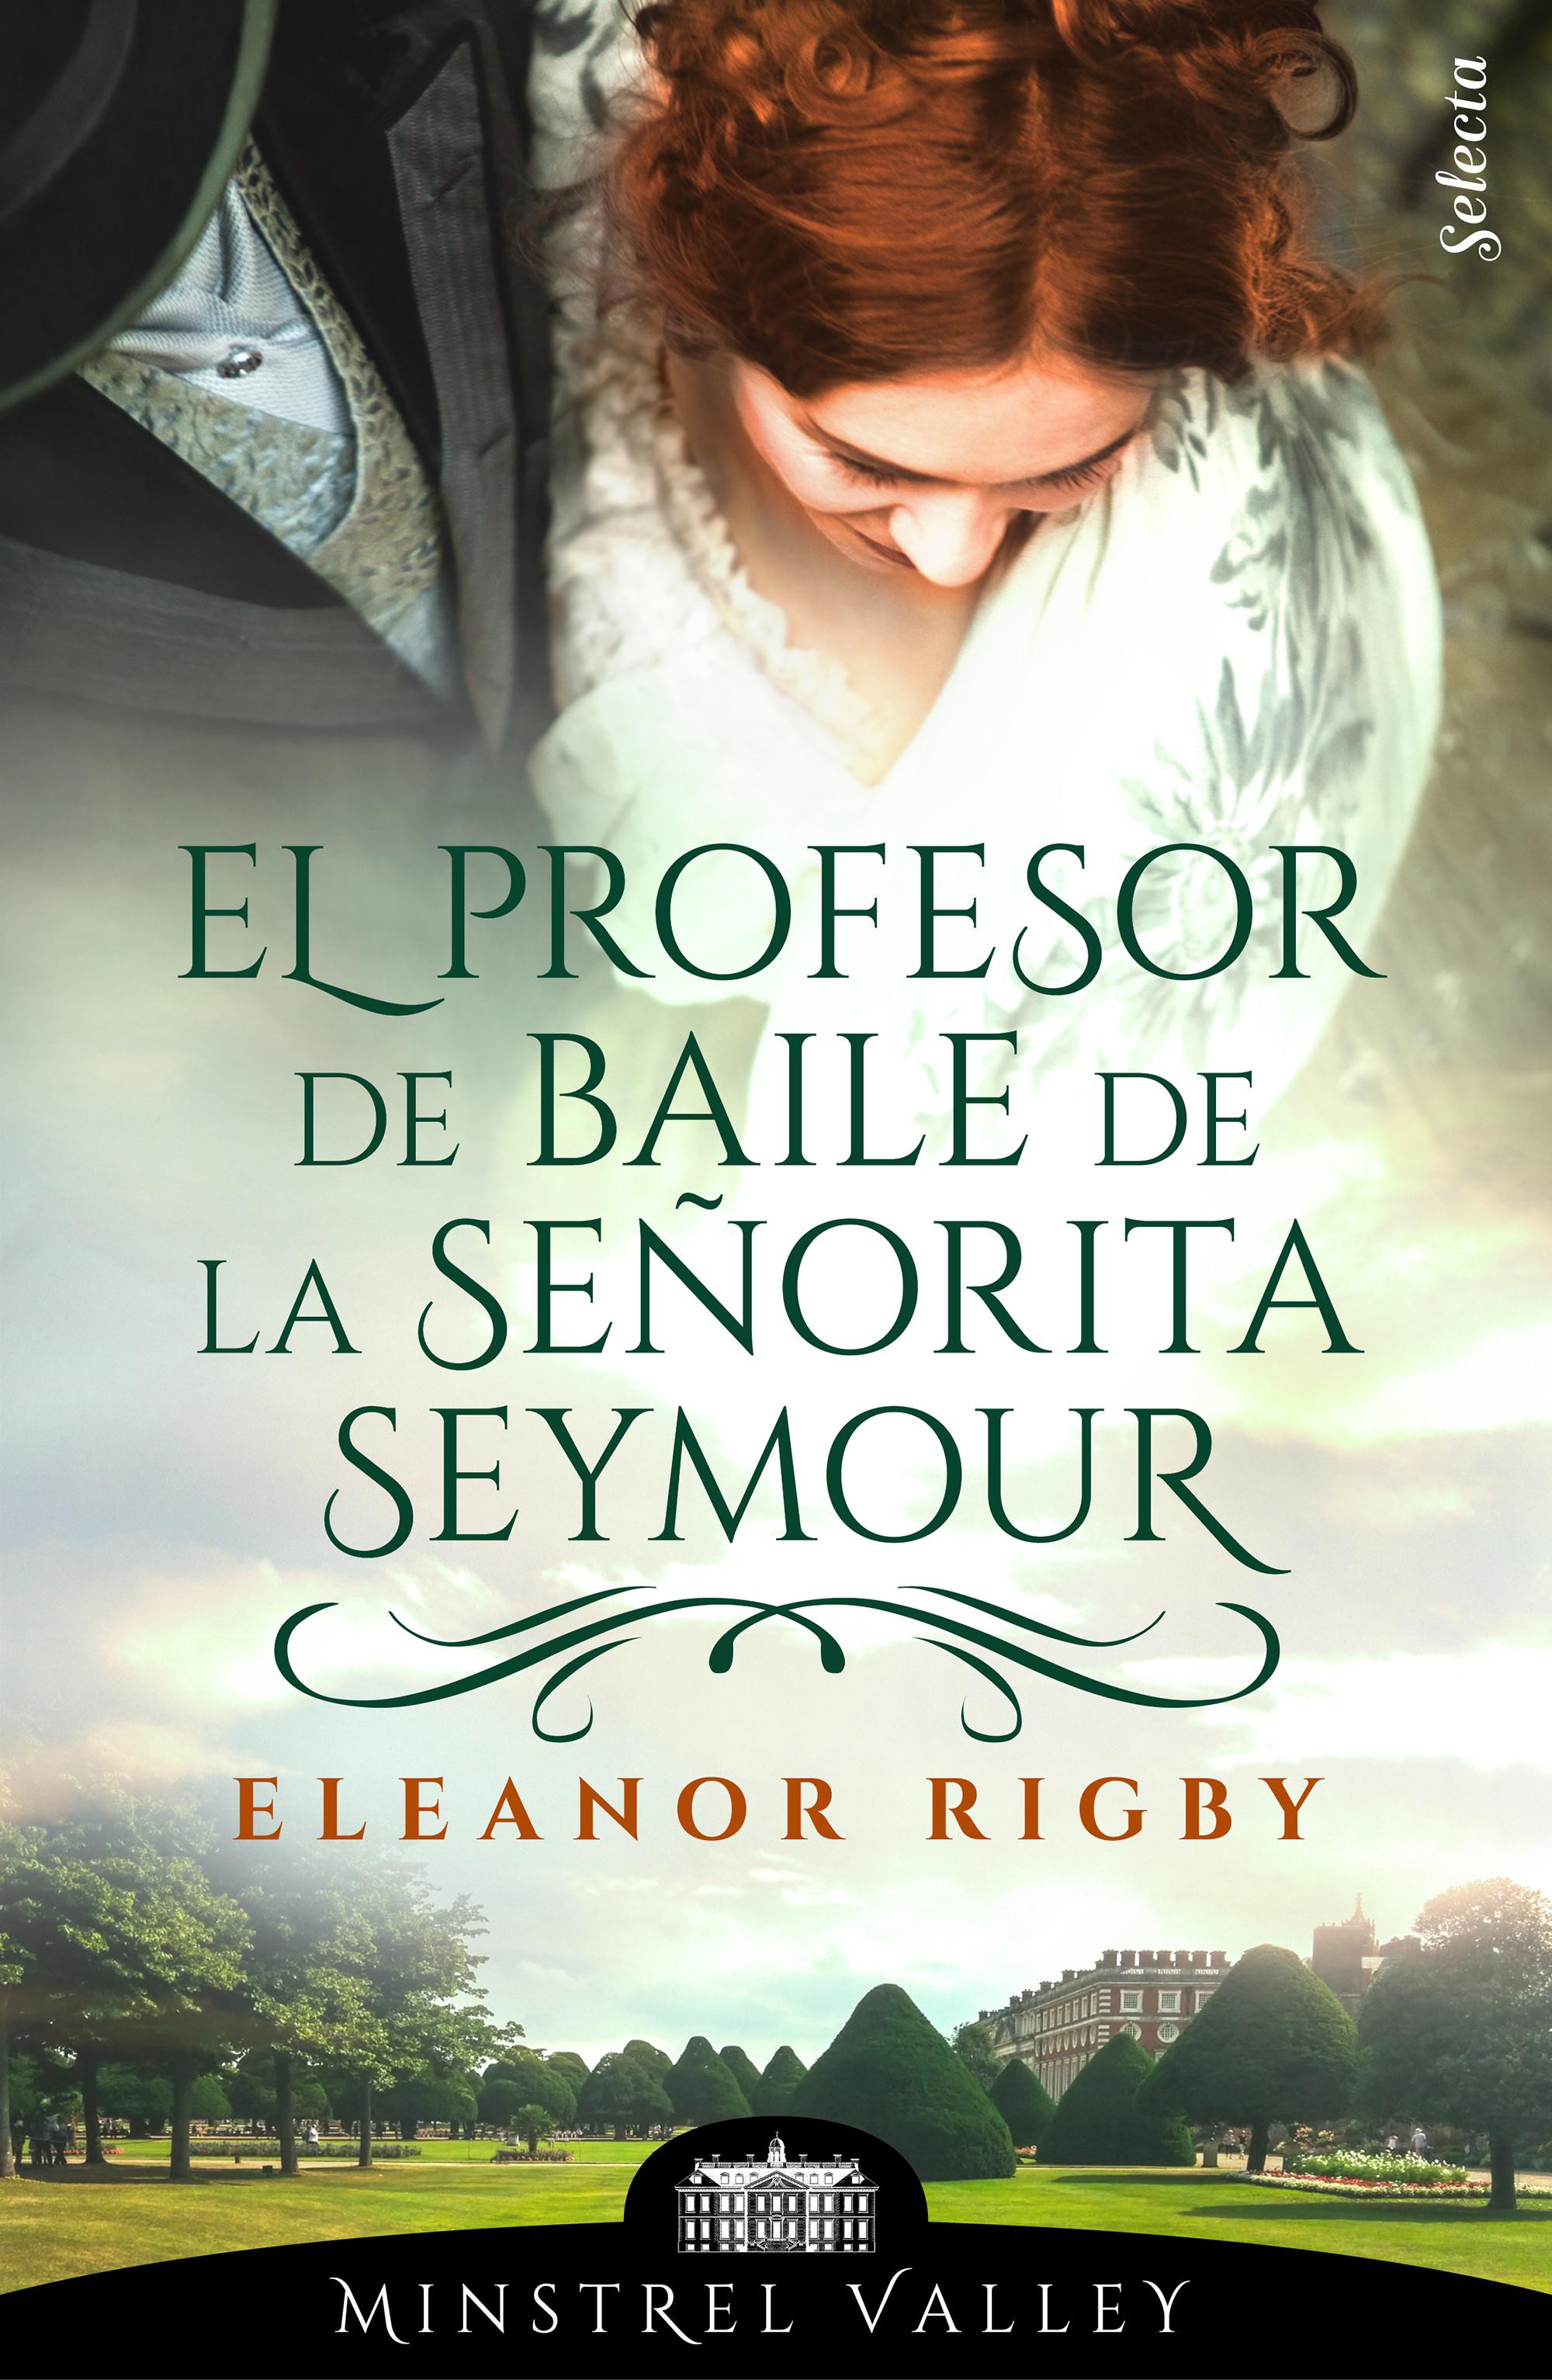 El profesor de baile de la señorita Seymour (Minstrel Valley 2)